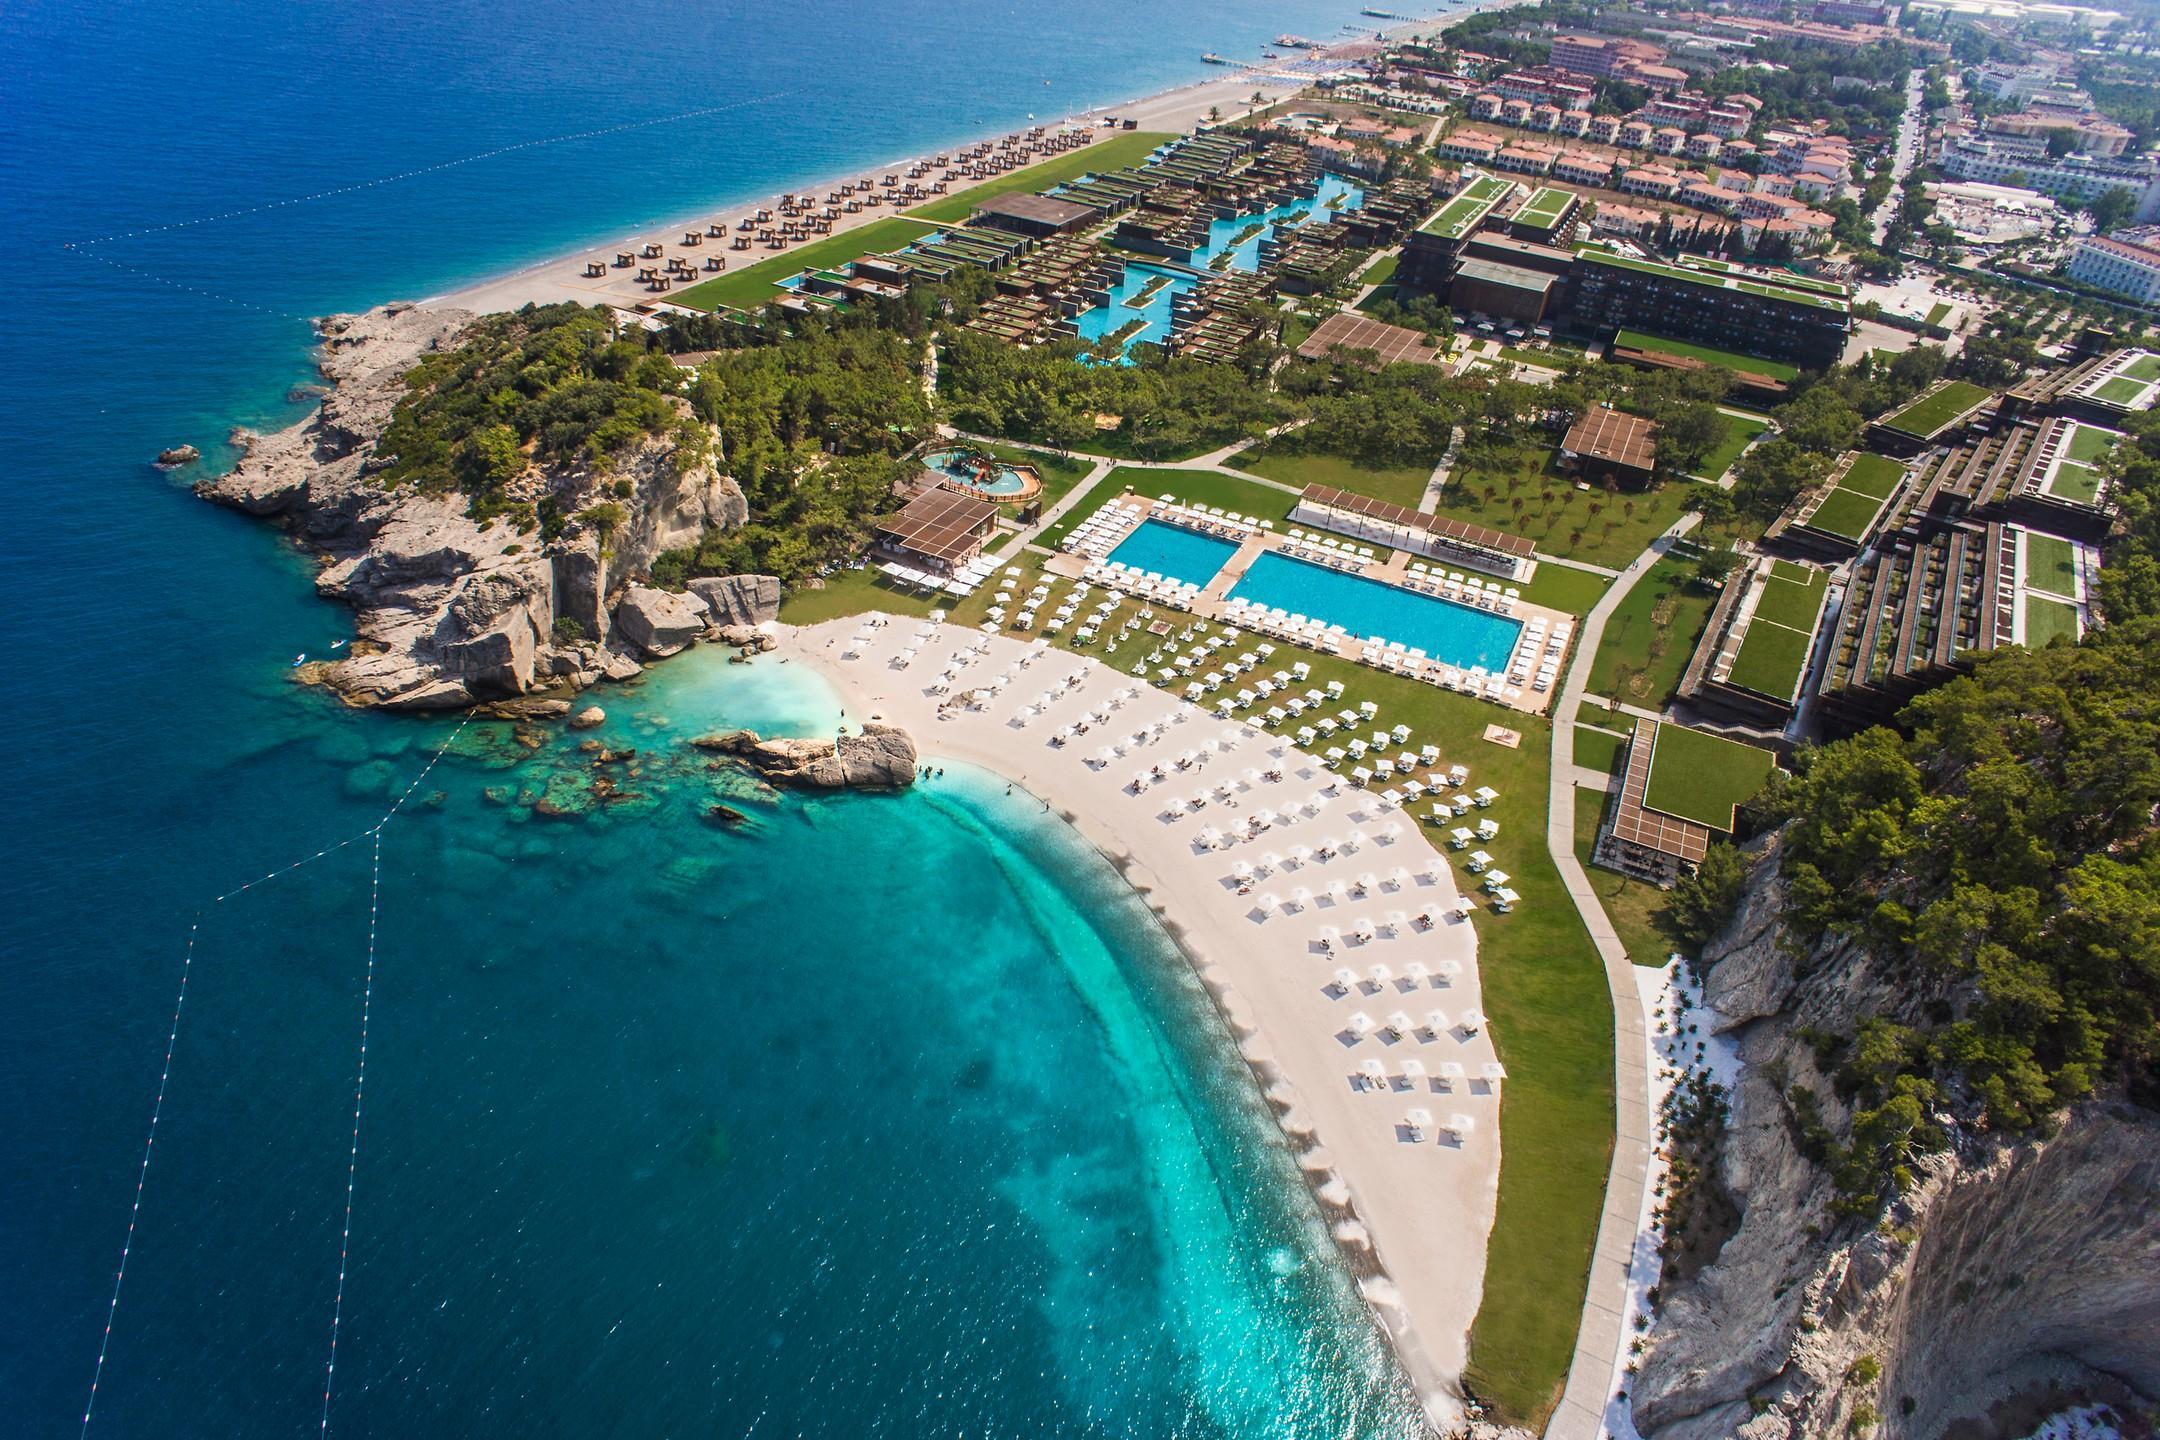 Türkiyedeki ünlü oteller: Turistlerin yorumları